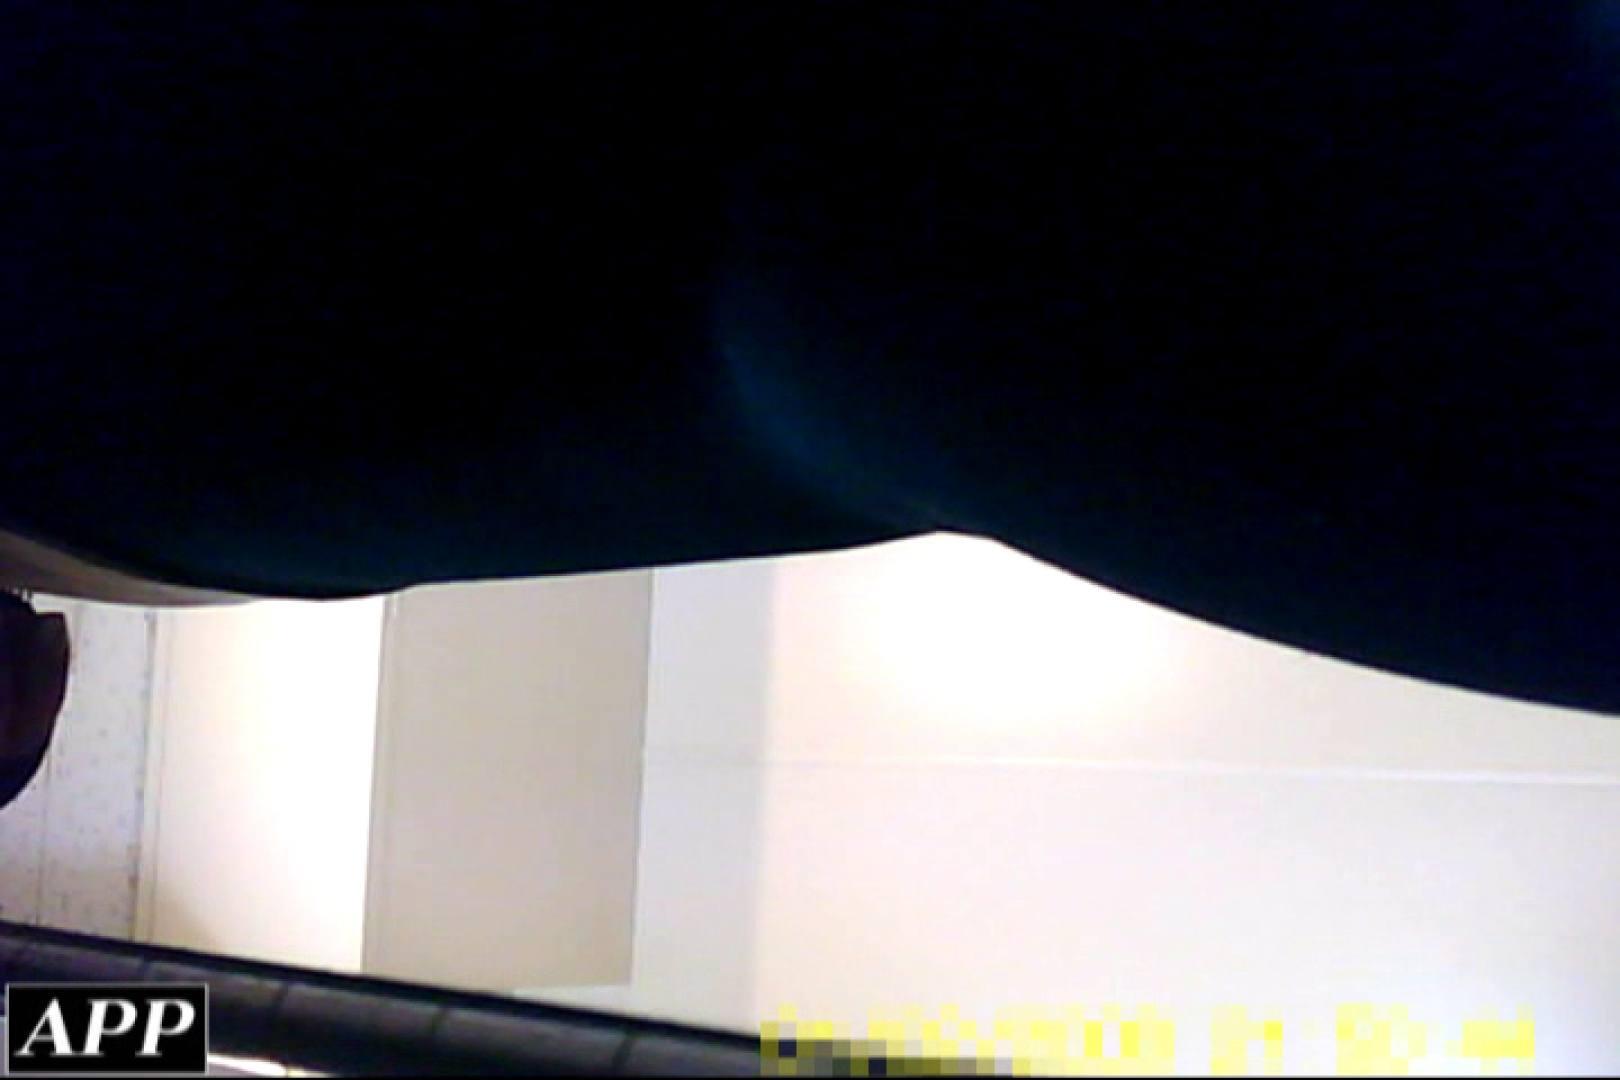 3視点洗面所 vol.101 オマンコ エロ無料画像 69連発 53